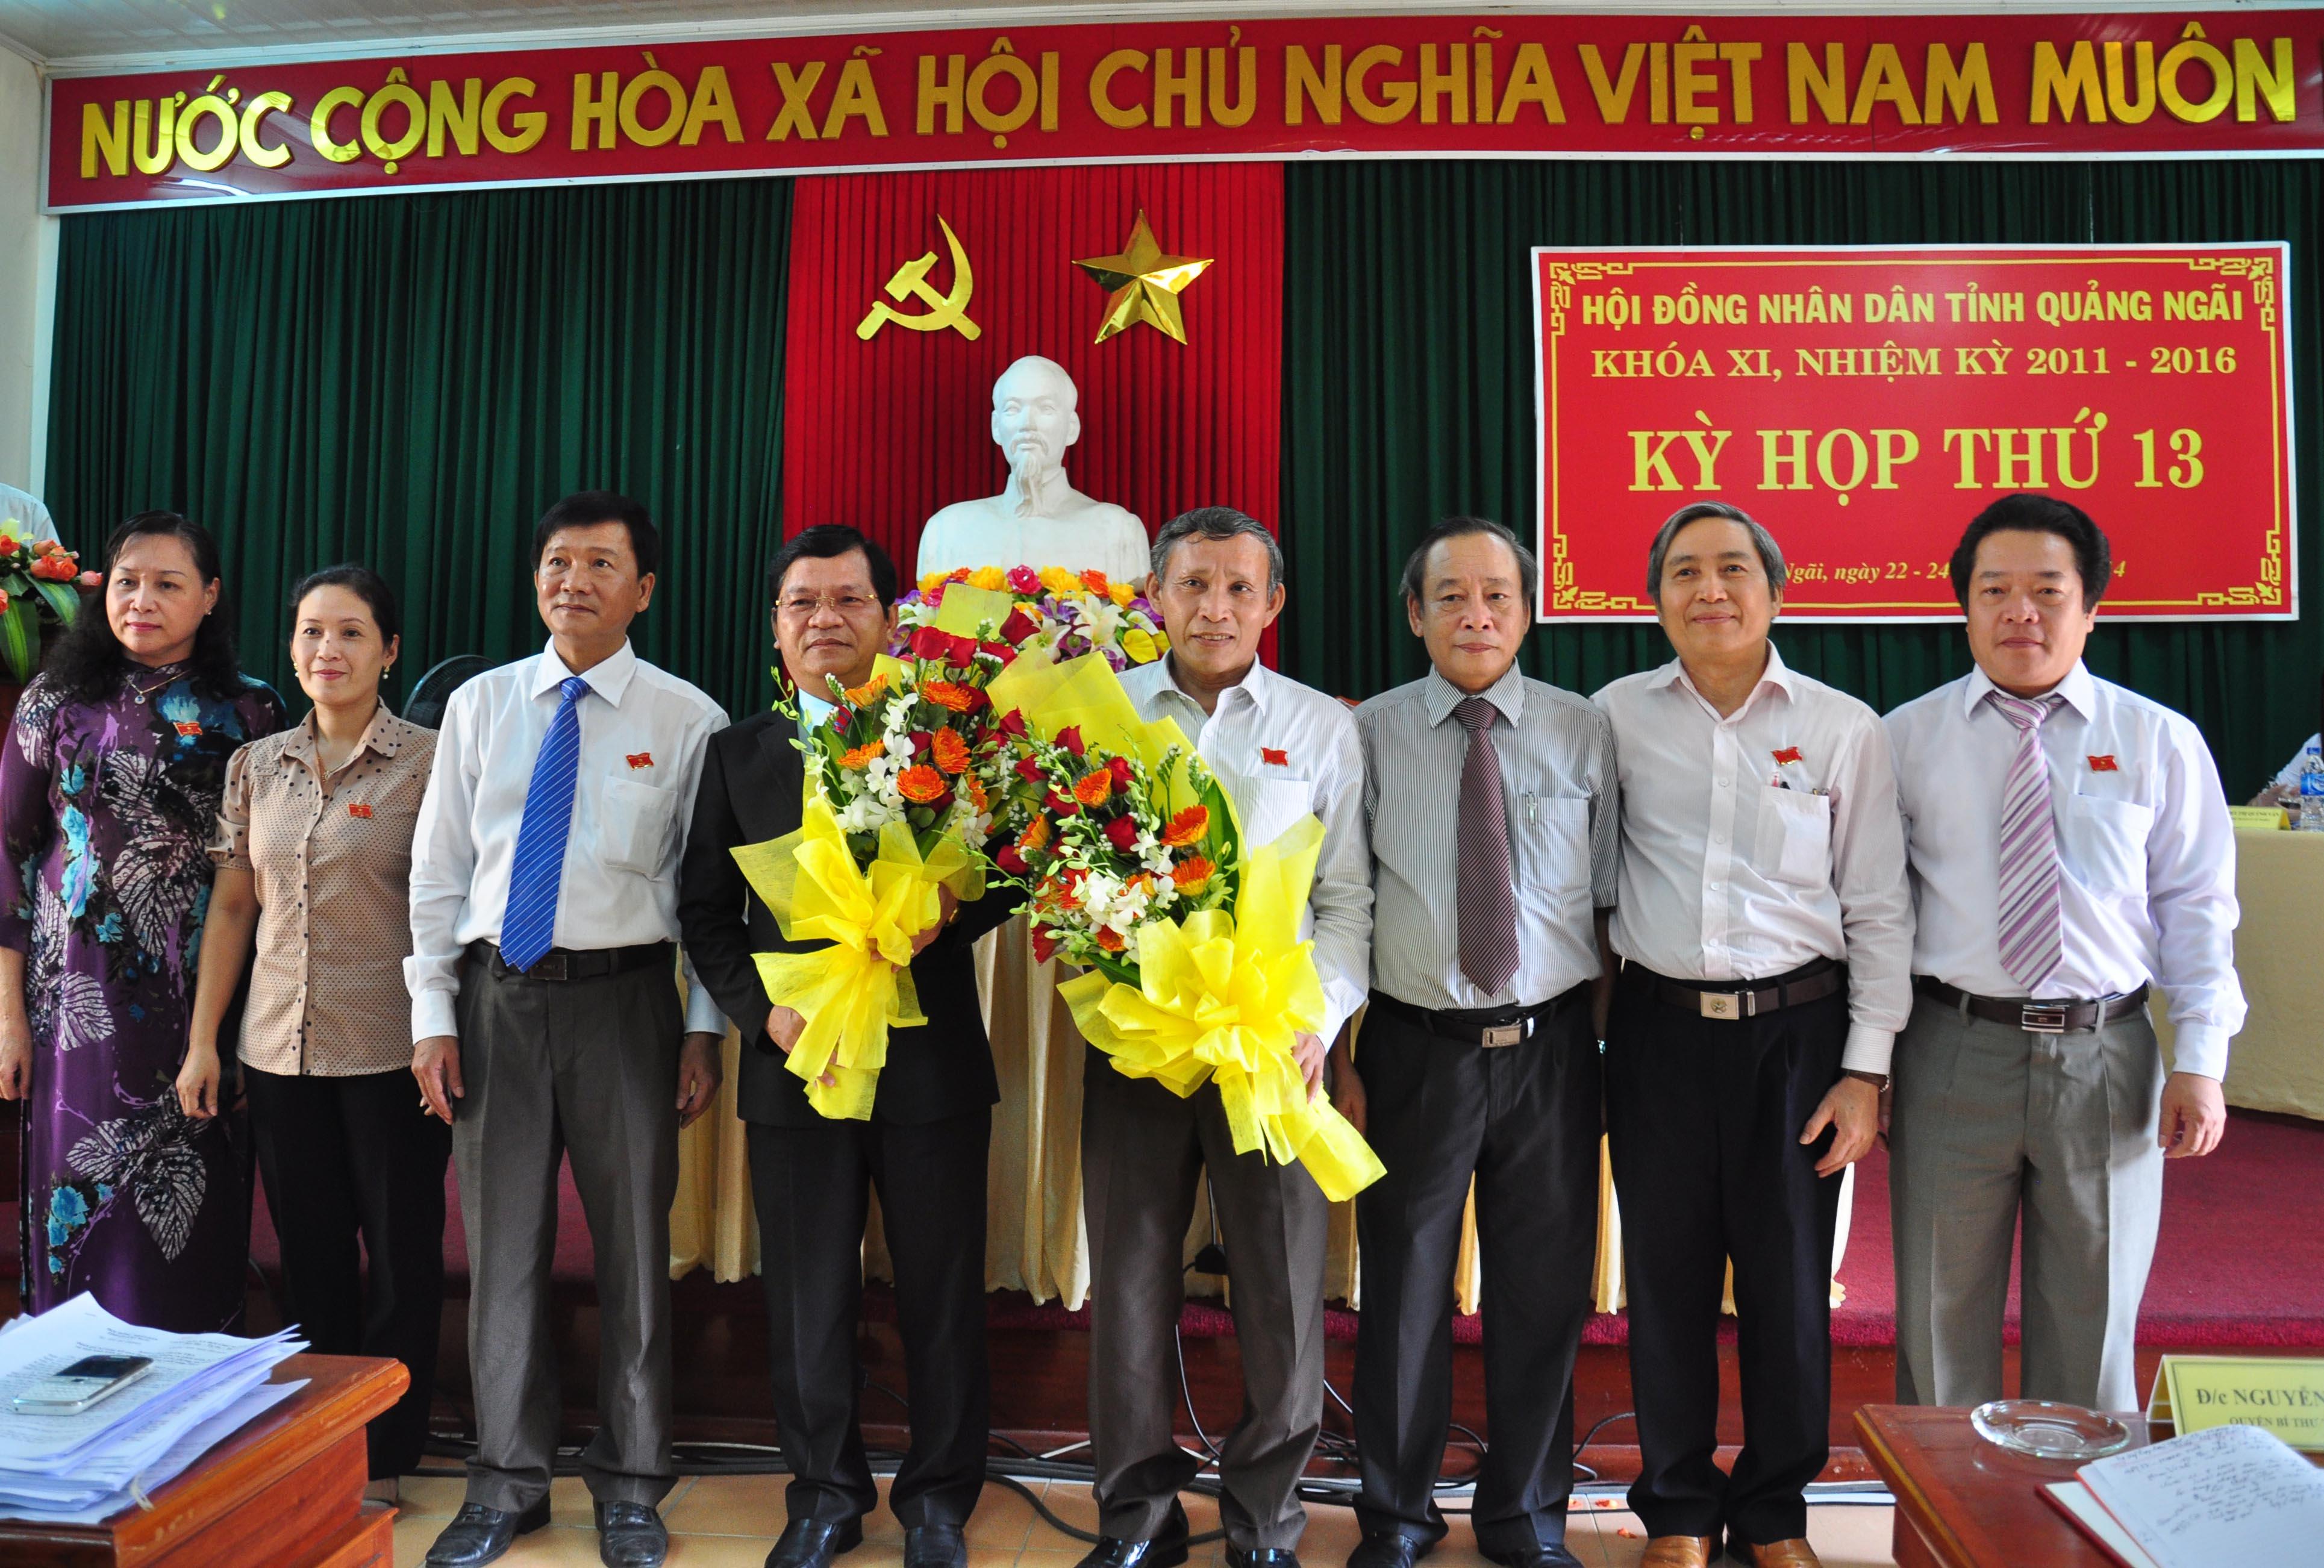 Ông Lê Viết Chữ (thứ 4 từ trái qua) tại lễ nhậm chức Chủ tịch UBND tỉnh Quảng Ngãi. Ảnh: Tử Trực